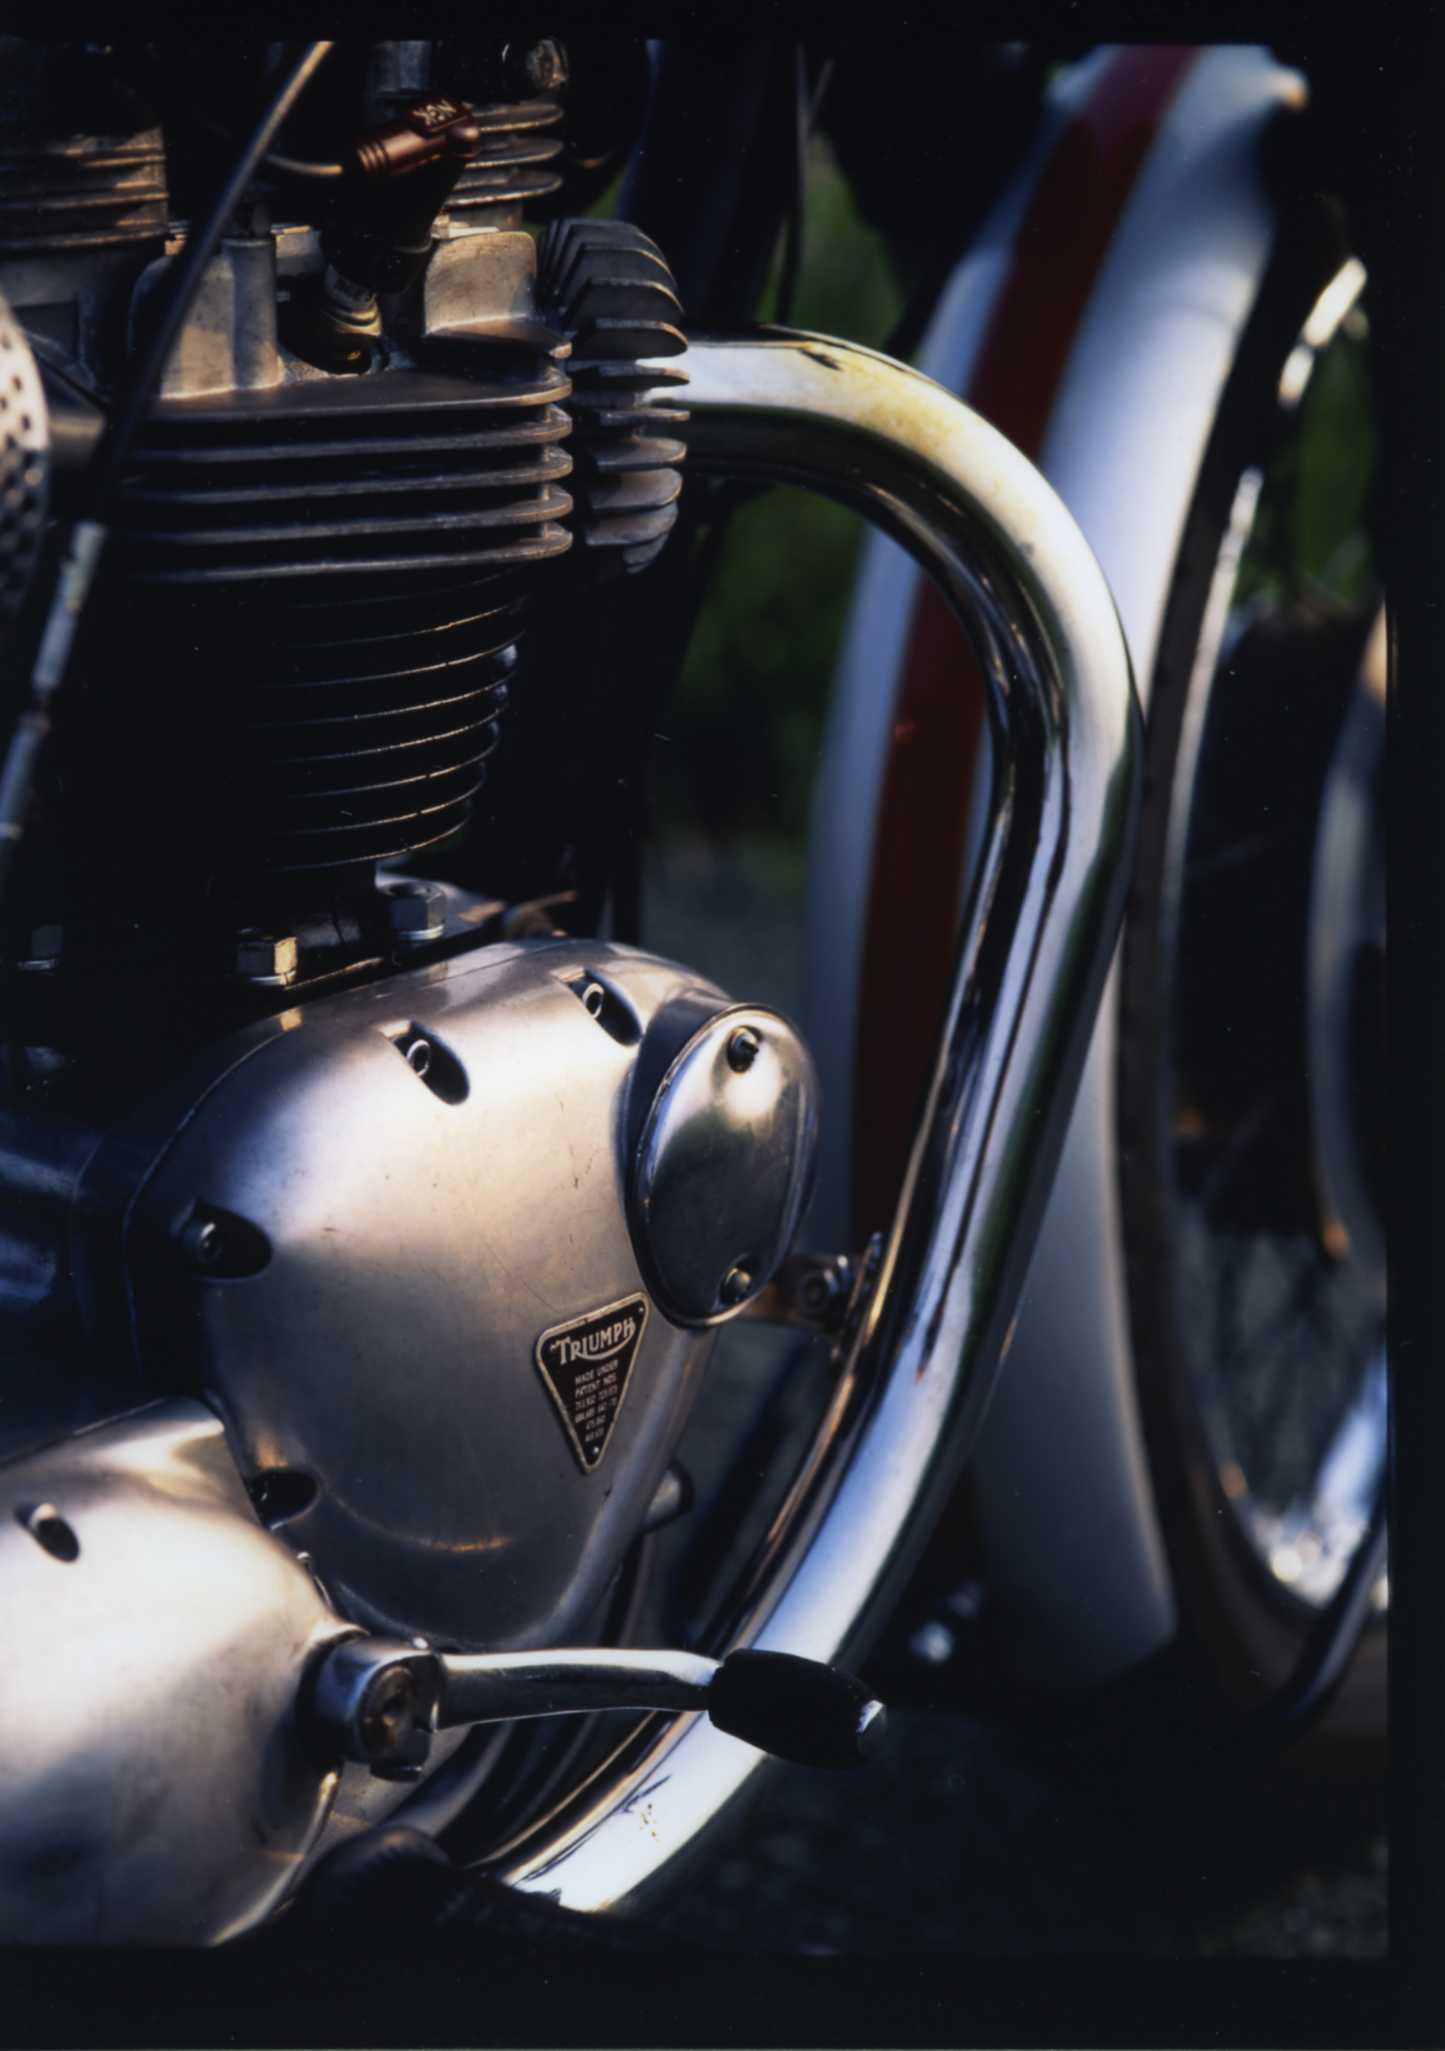 バイクの乗るのを自粛ののお願い_f0050534_07434756.jpg